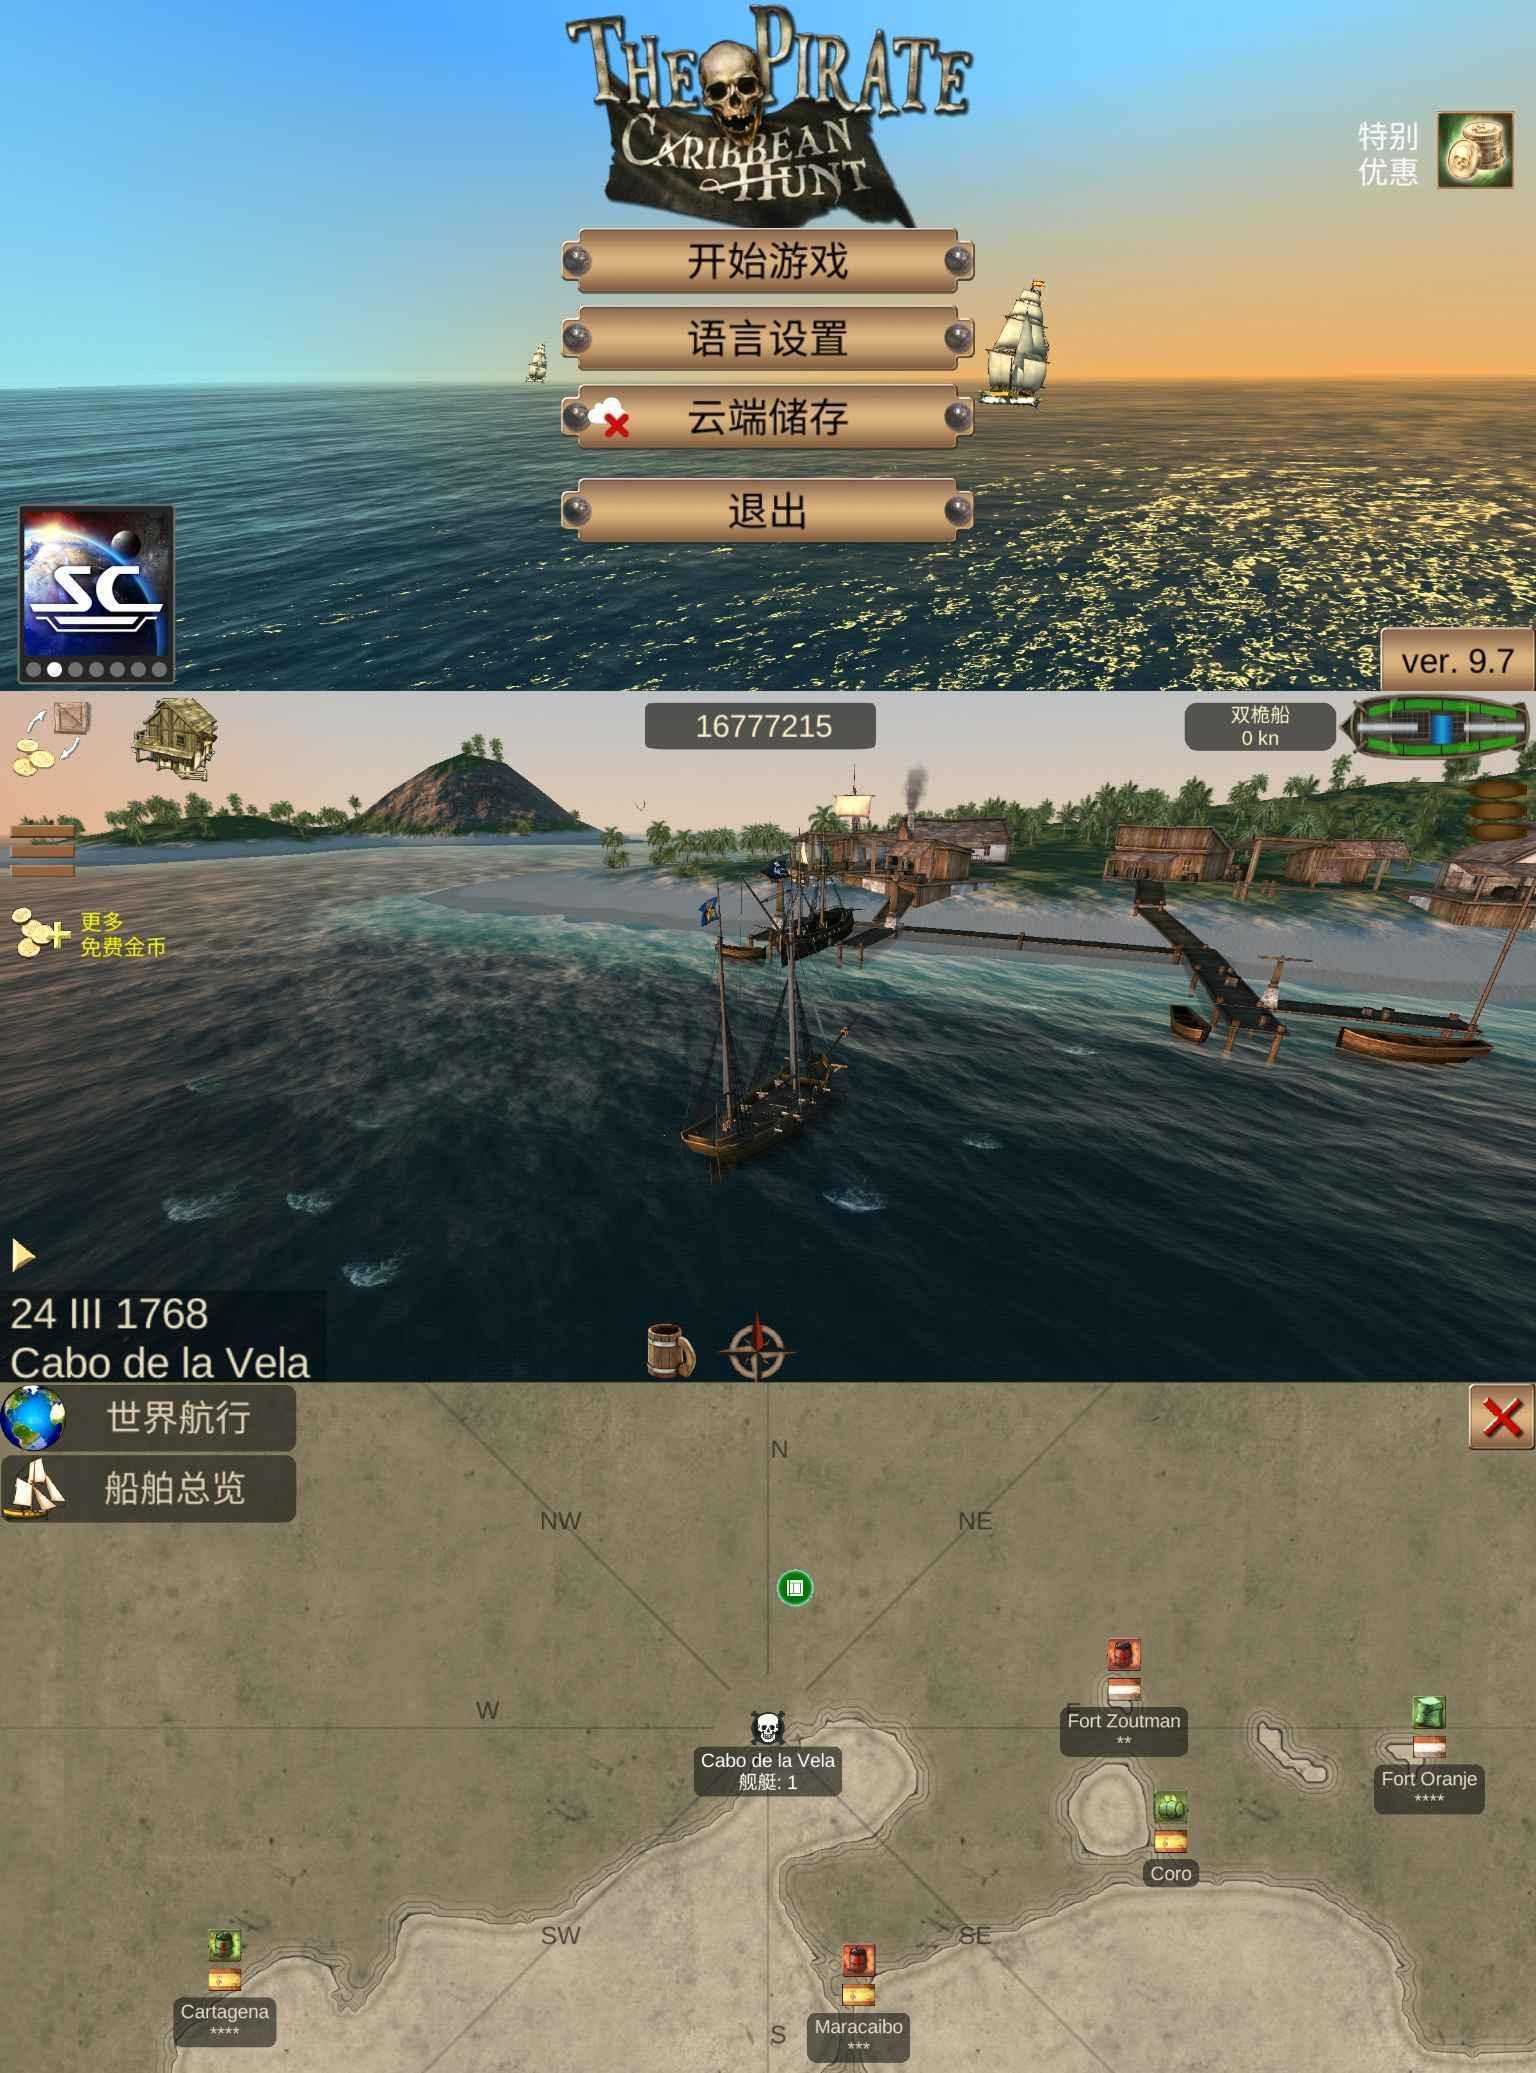 加勒比海盗优化版截图1